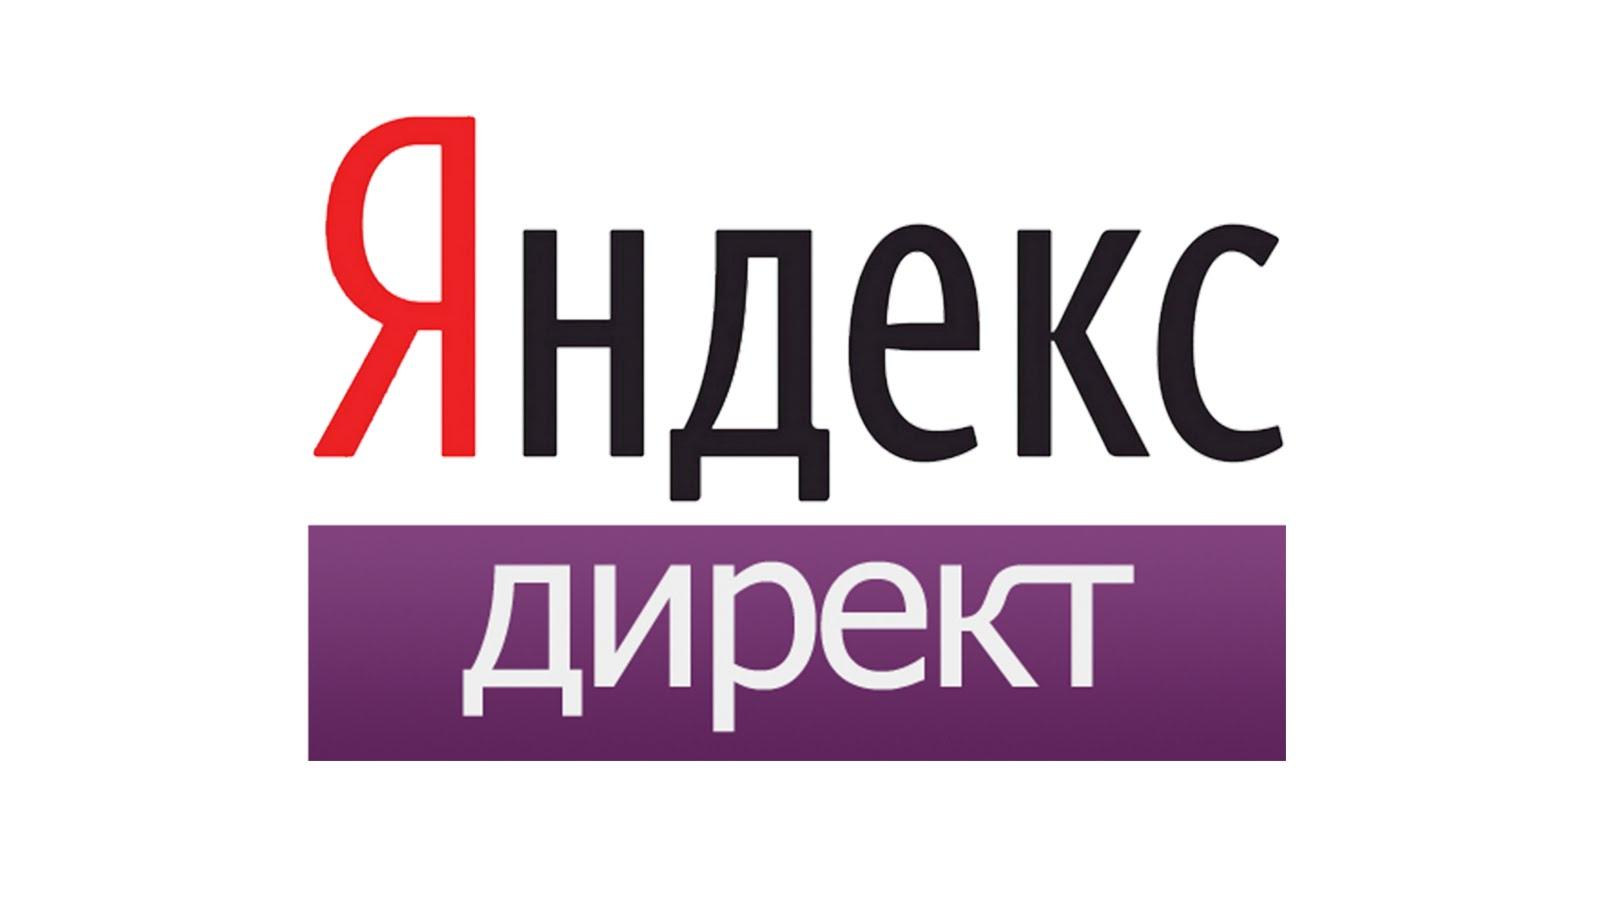 Как настроить контекстную рекламу в Яндекс.Директе: чек-лист